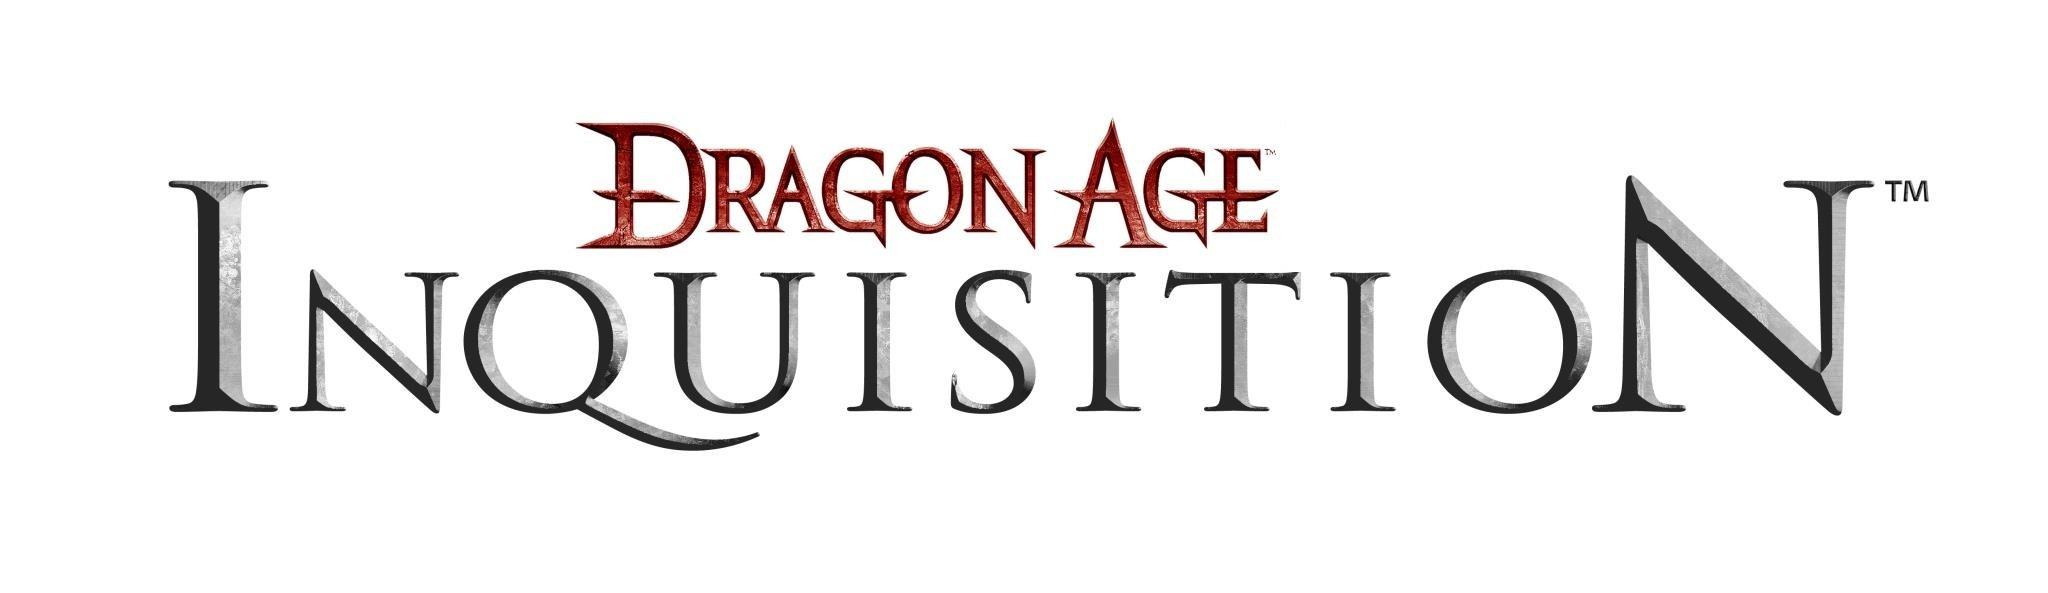 «Dragon Age Инквизиция» для ПК поступит в продажу в России уже утром 18 ноября – в интернет-магазине - Изображение 1